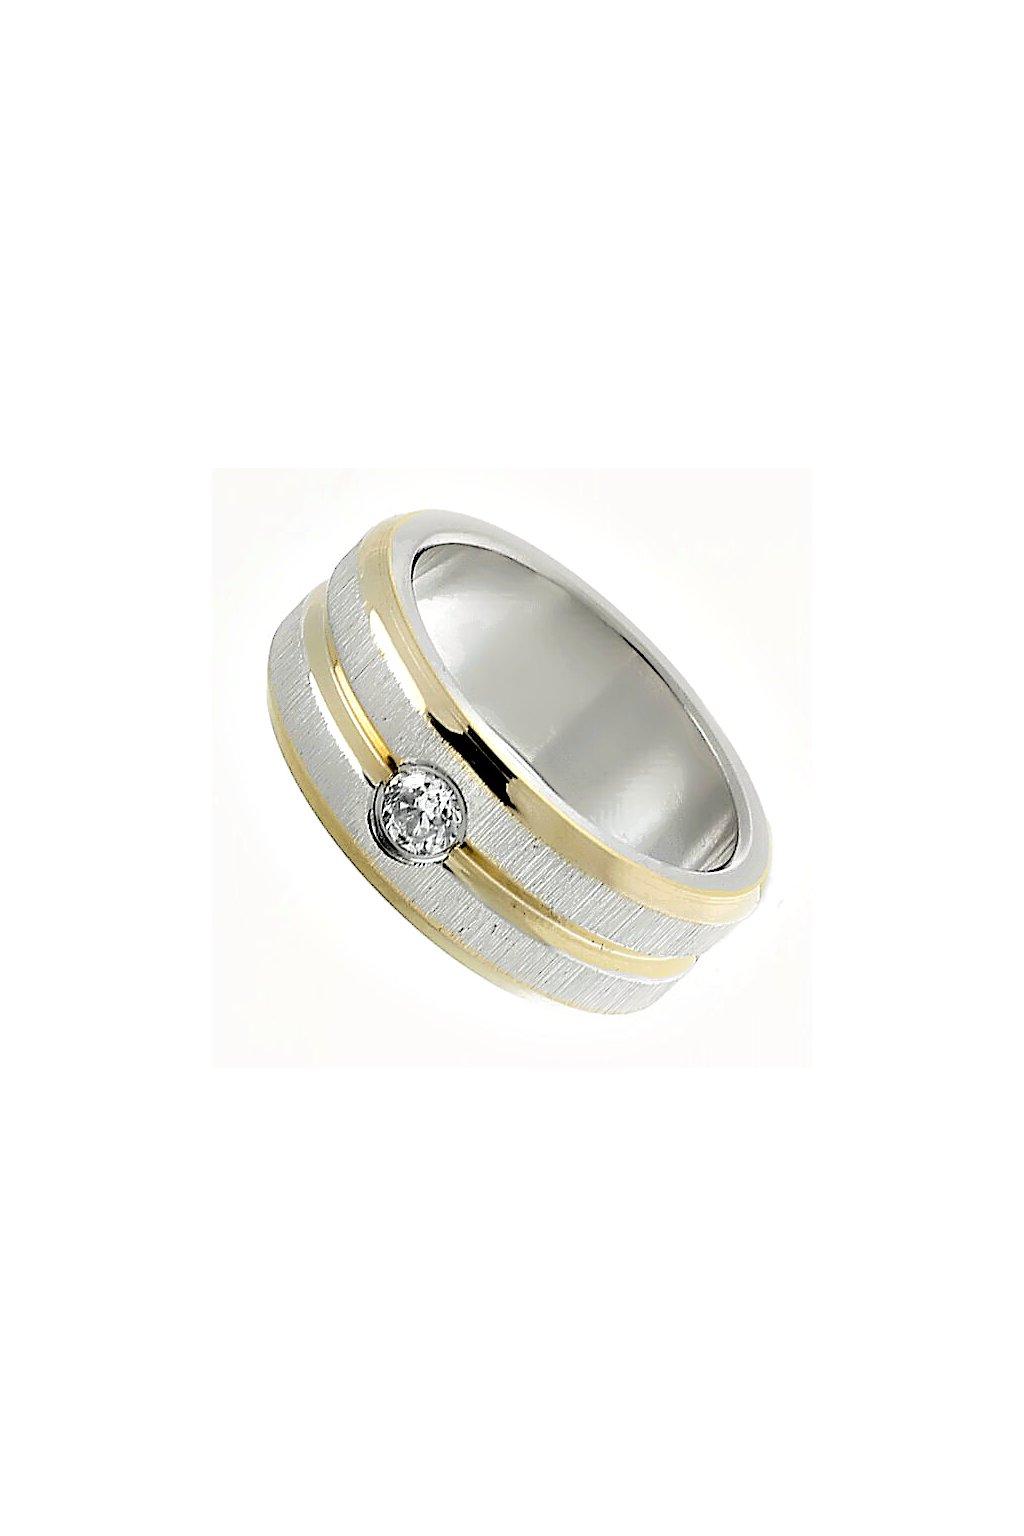 Skalimar Prsten z chirurgické oceli SE TŘEMI POZLACENÝMI PRUHY A KAMÍNKEM 212119